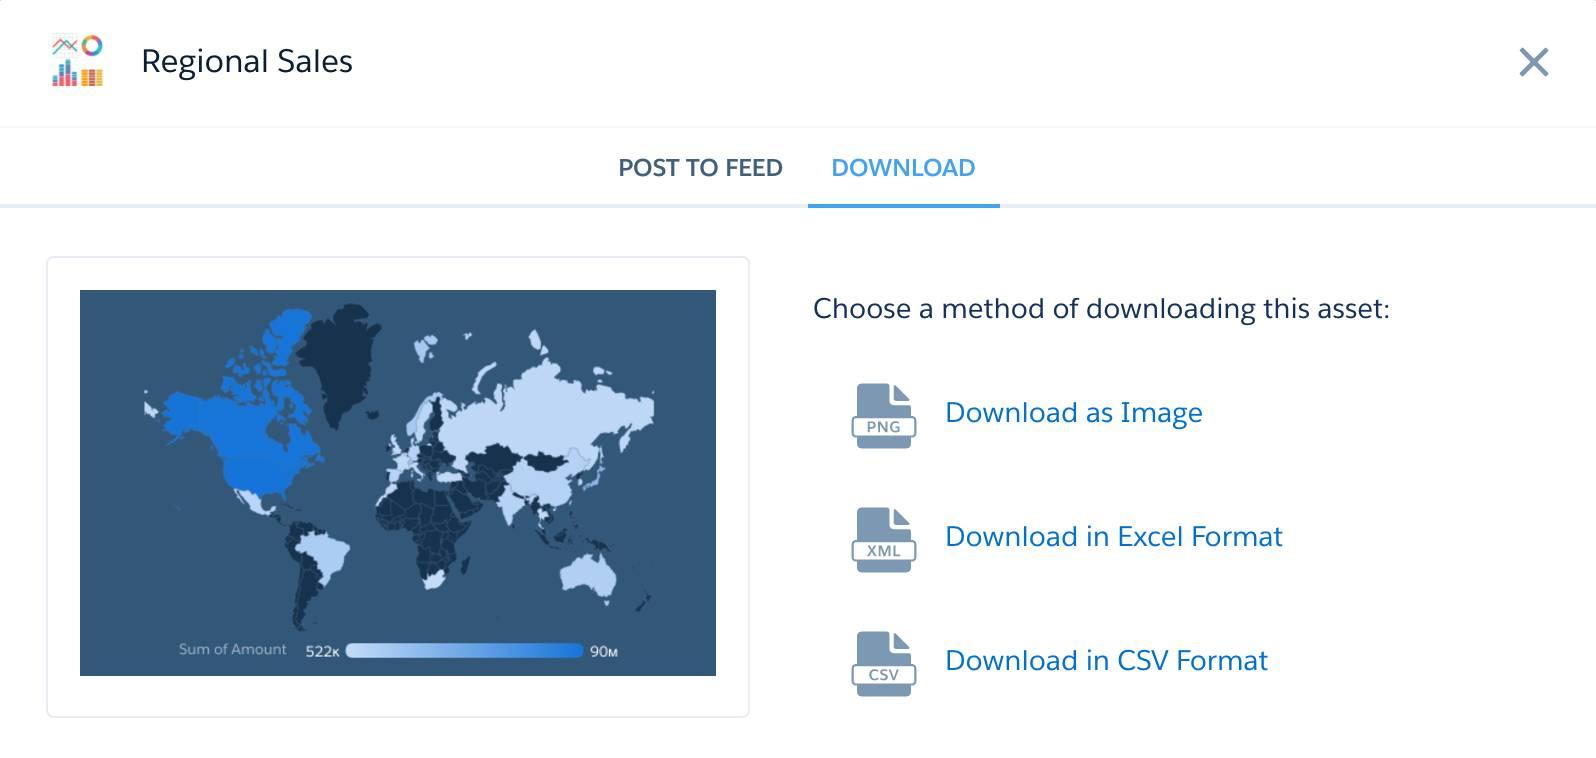 Diálogo de compartilhamento com a opção Fazer download selecionada